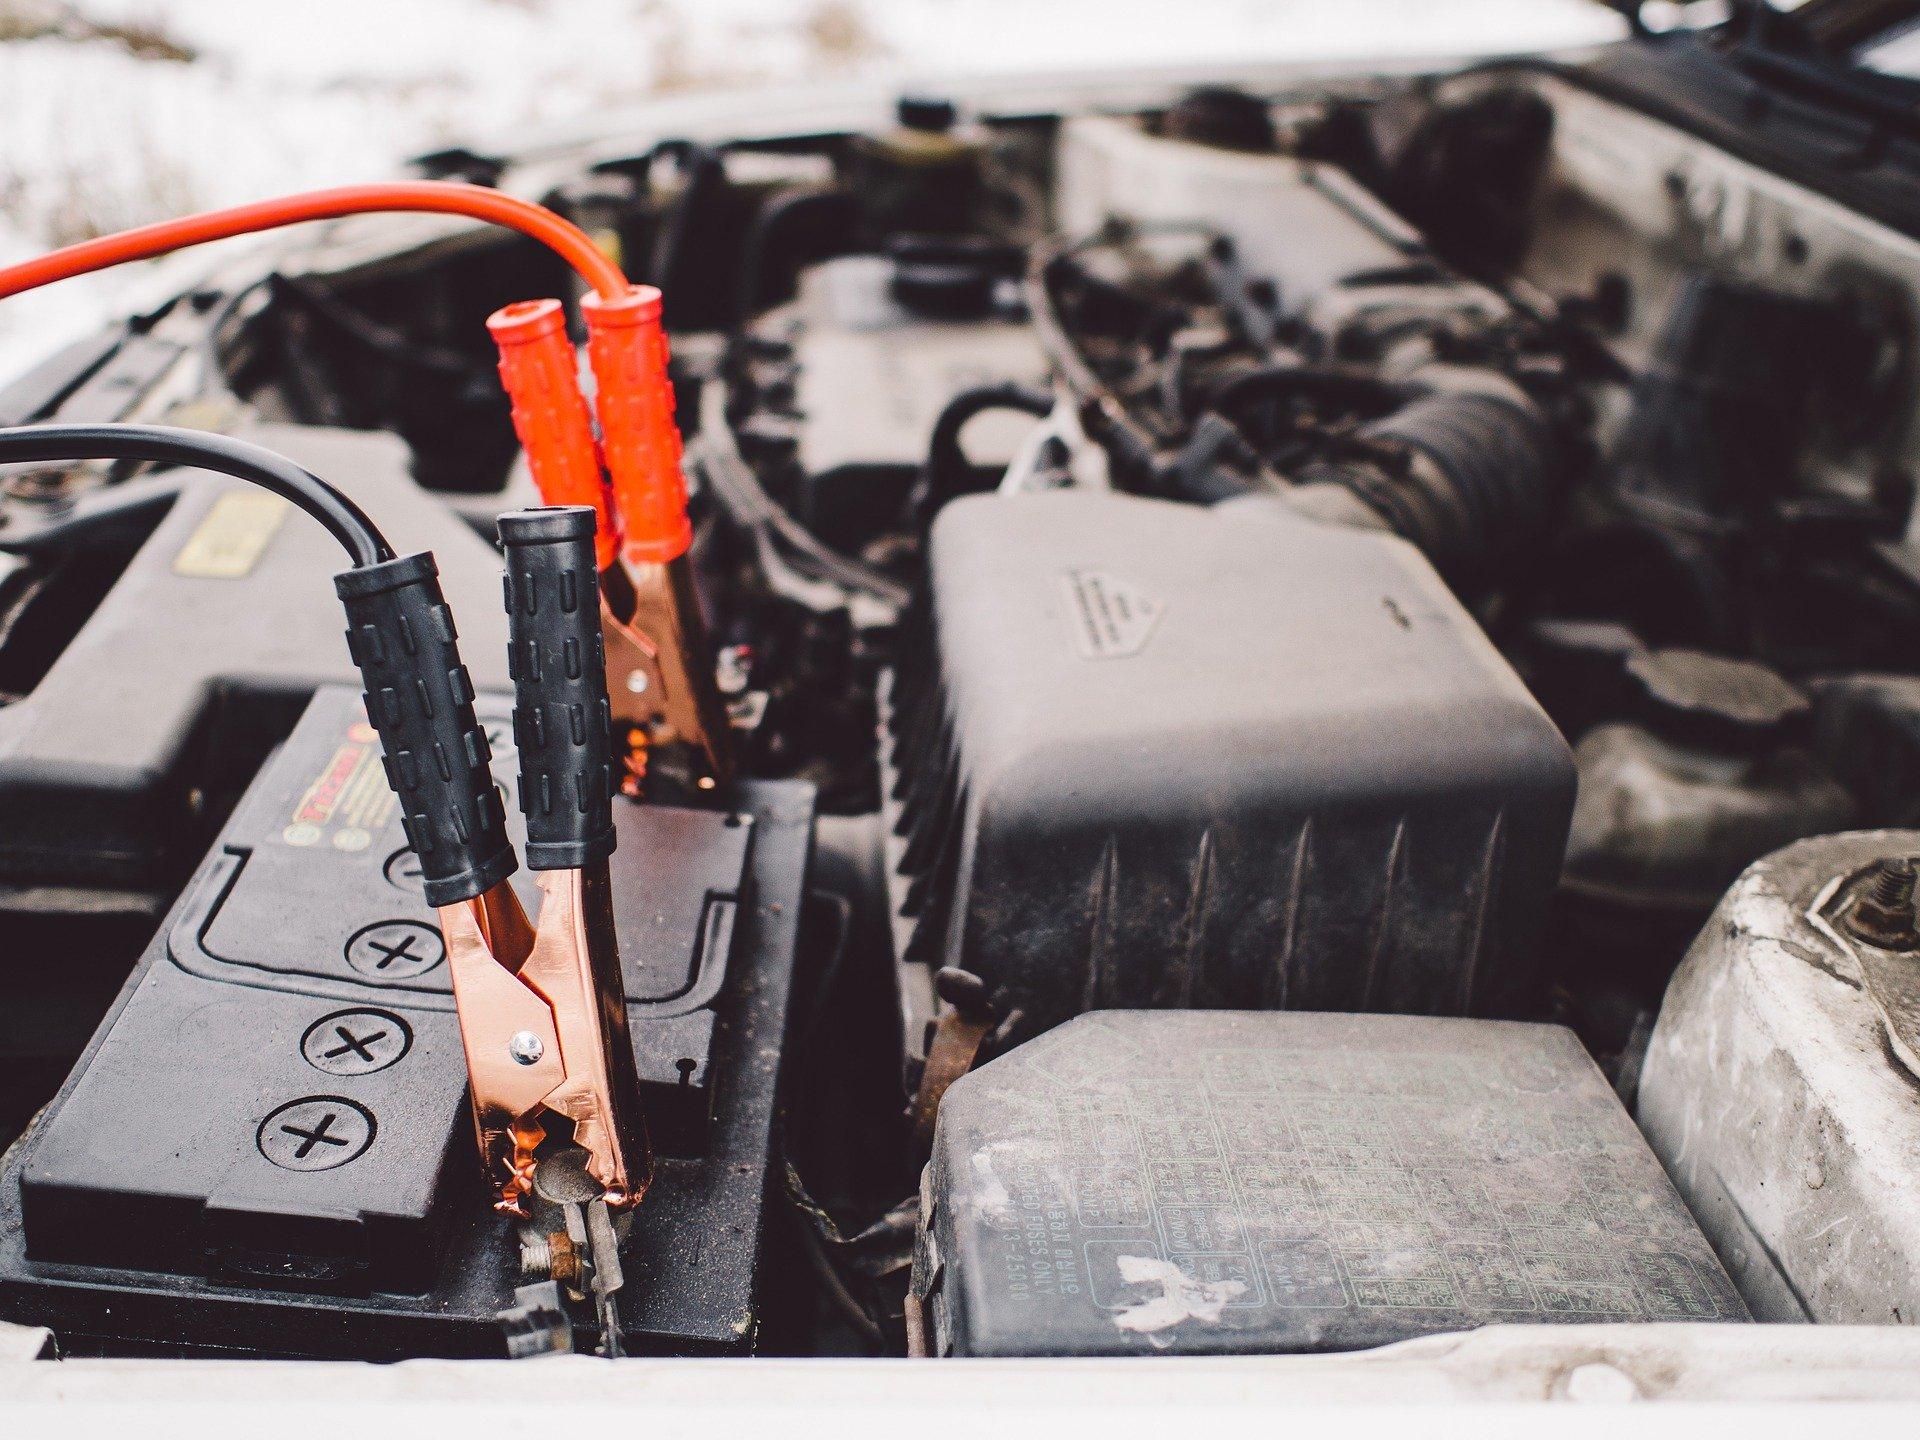 batería coche desescalada covid19